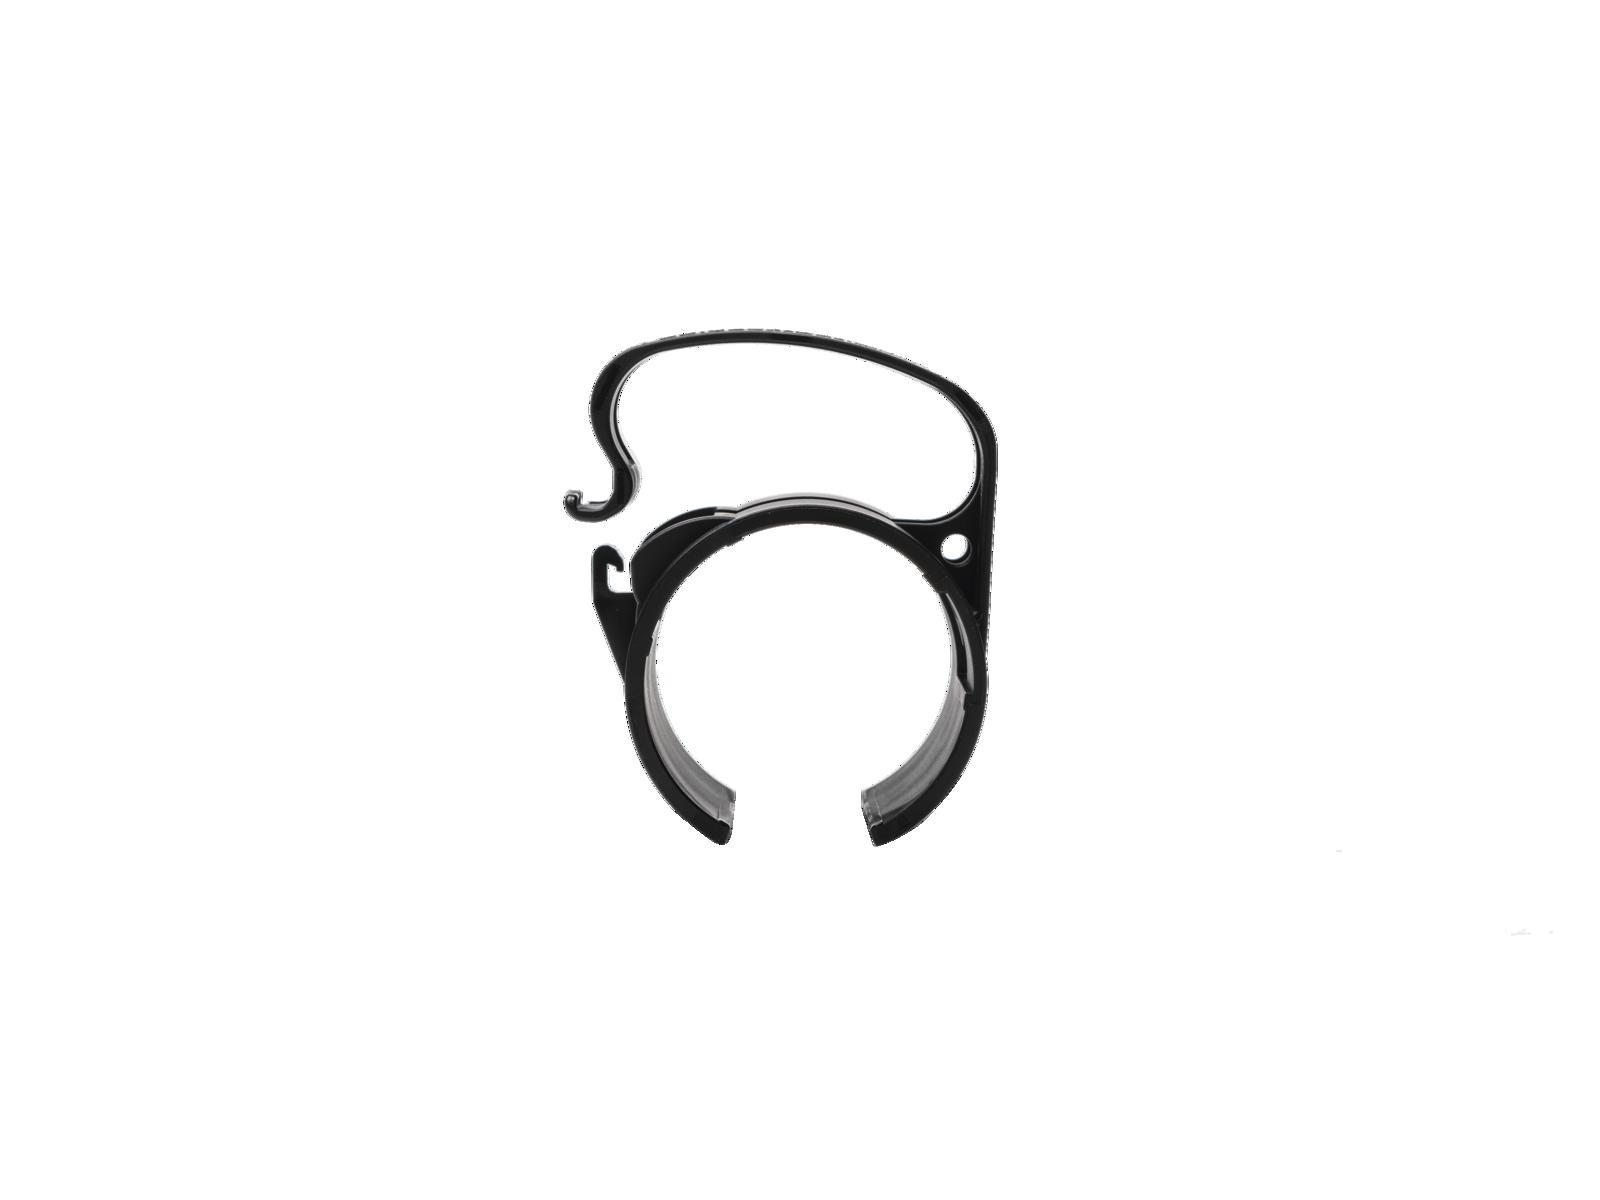 Snap plastový držák kabelů na konstrukci, Light verze, černý, sada 4ks